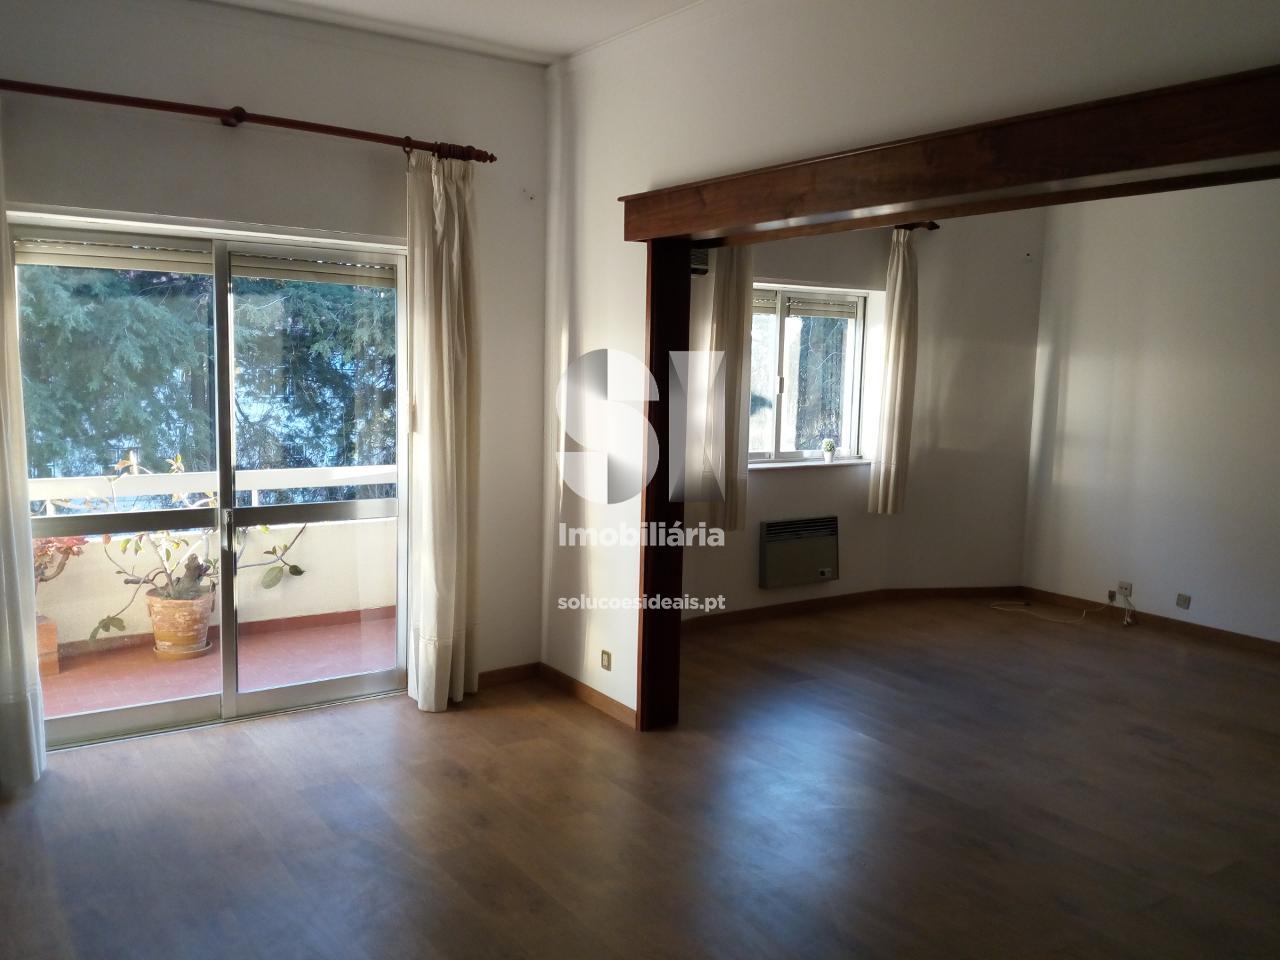 apartamento t4 para compra em castelo branco castelo branco castelo branco CBZFI139